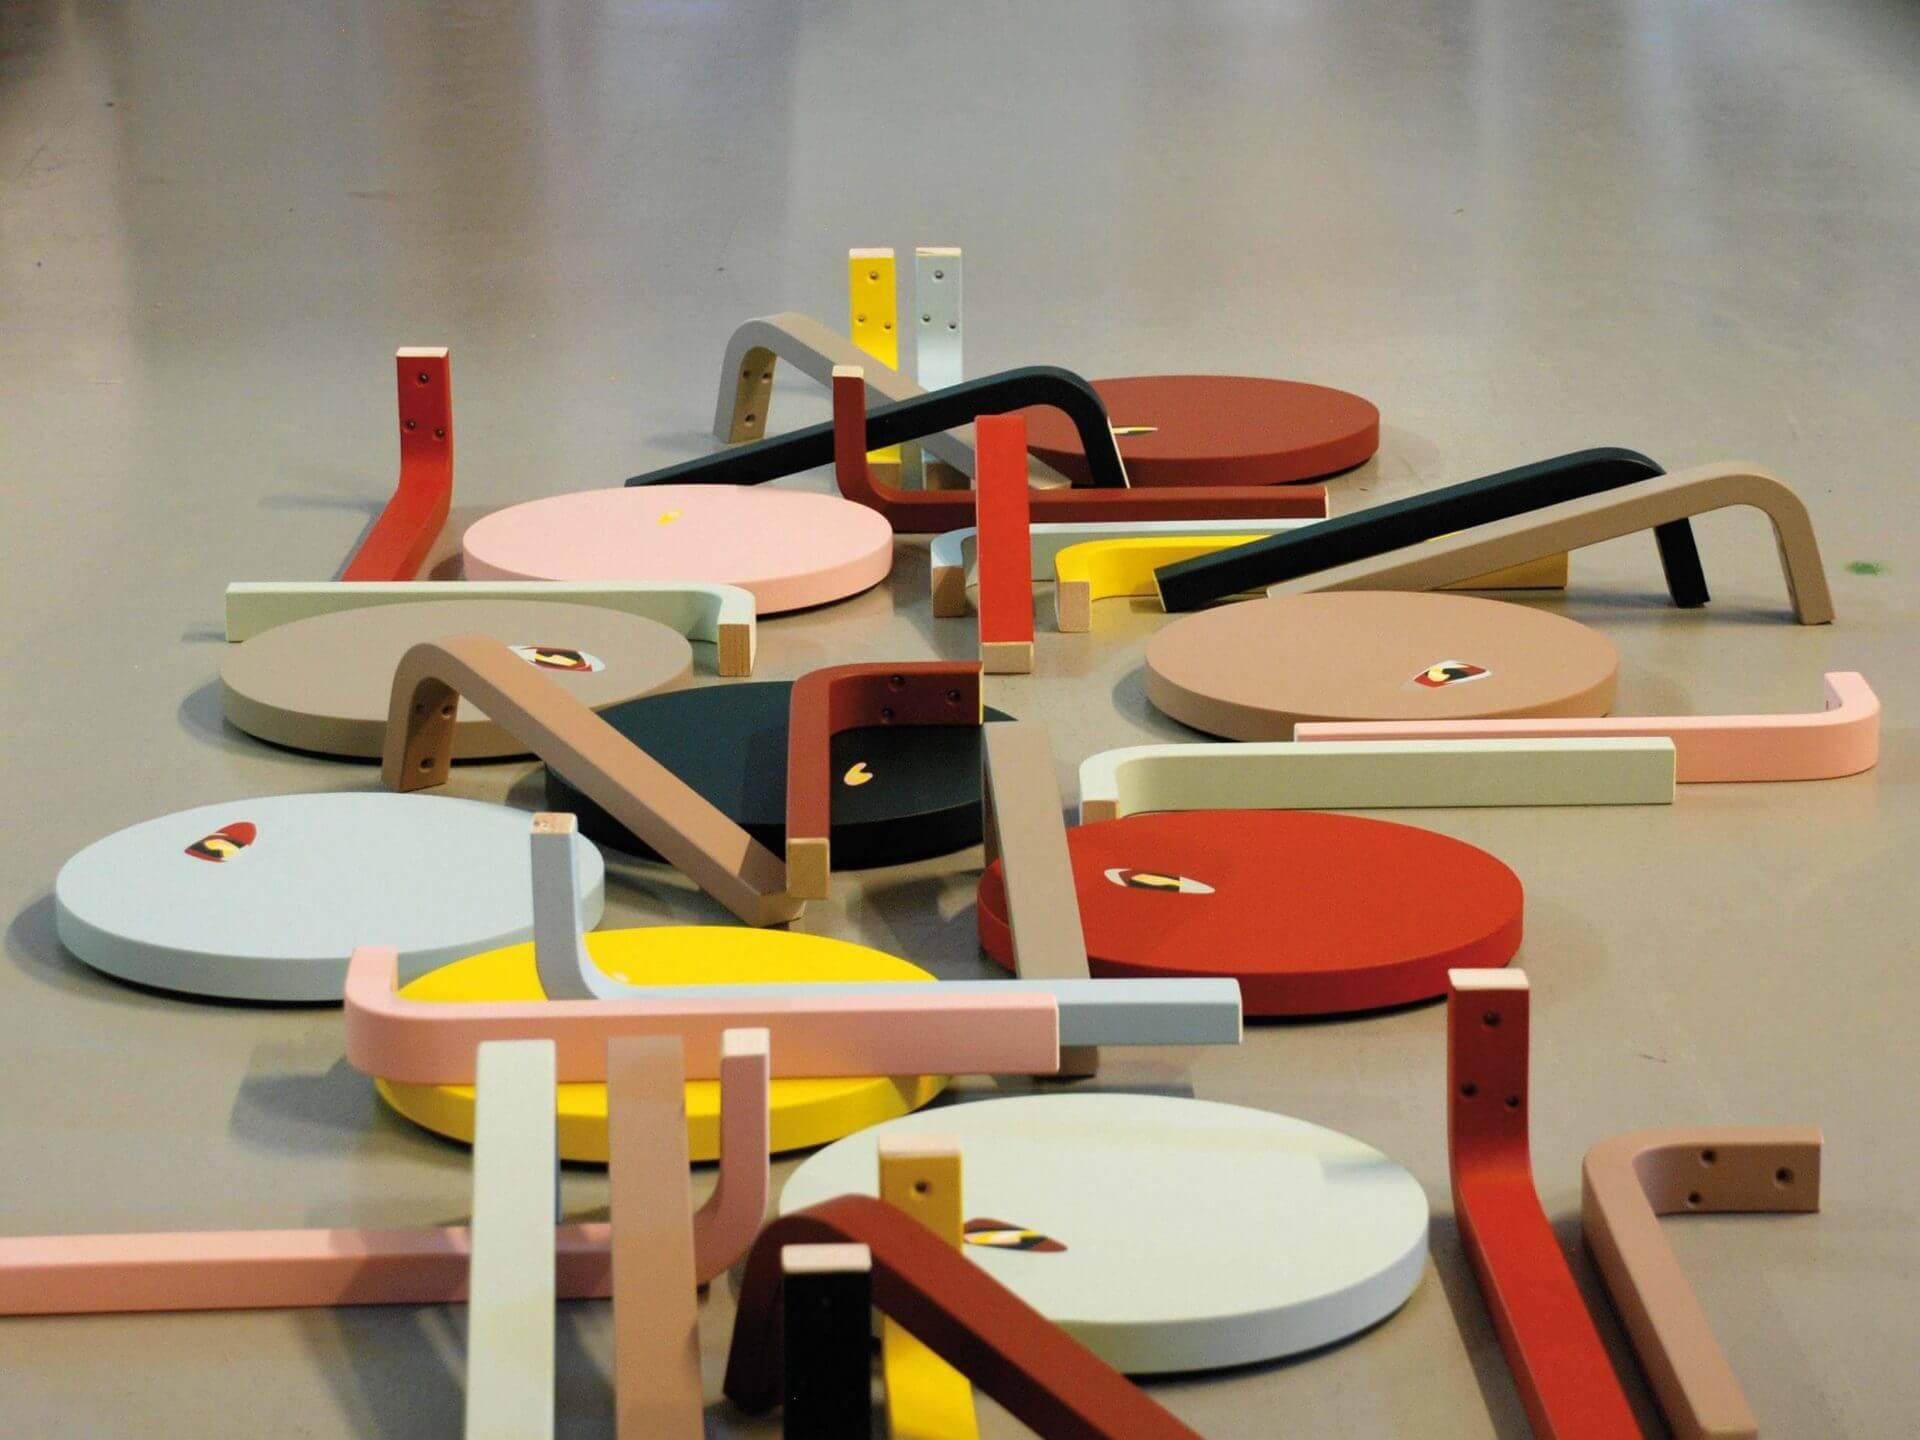 Farbschichten, Artek Stool 60. Das Einmalige Objekt, Bern, 2012